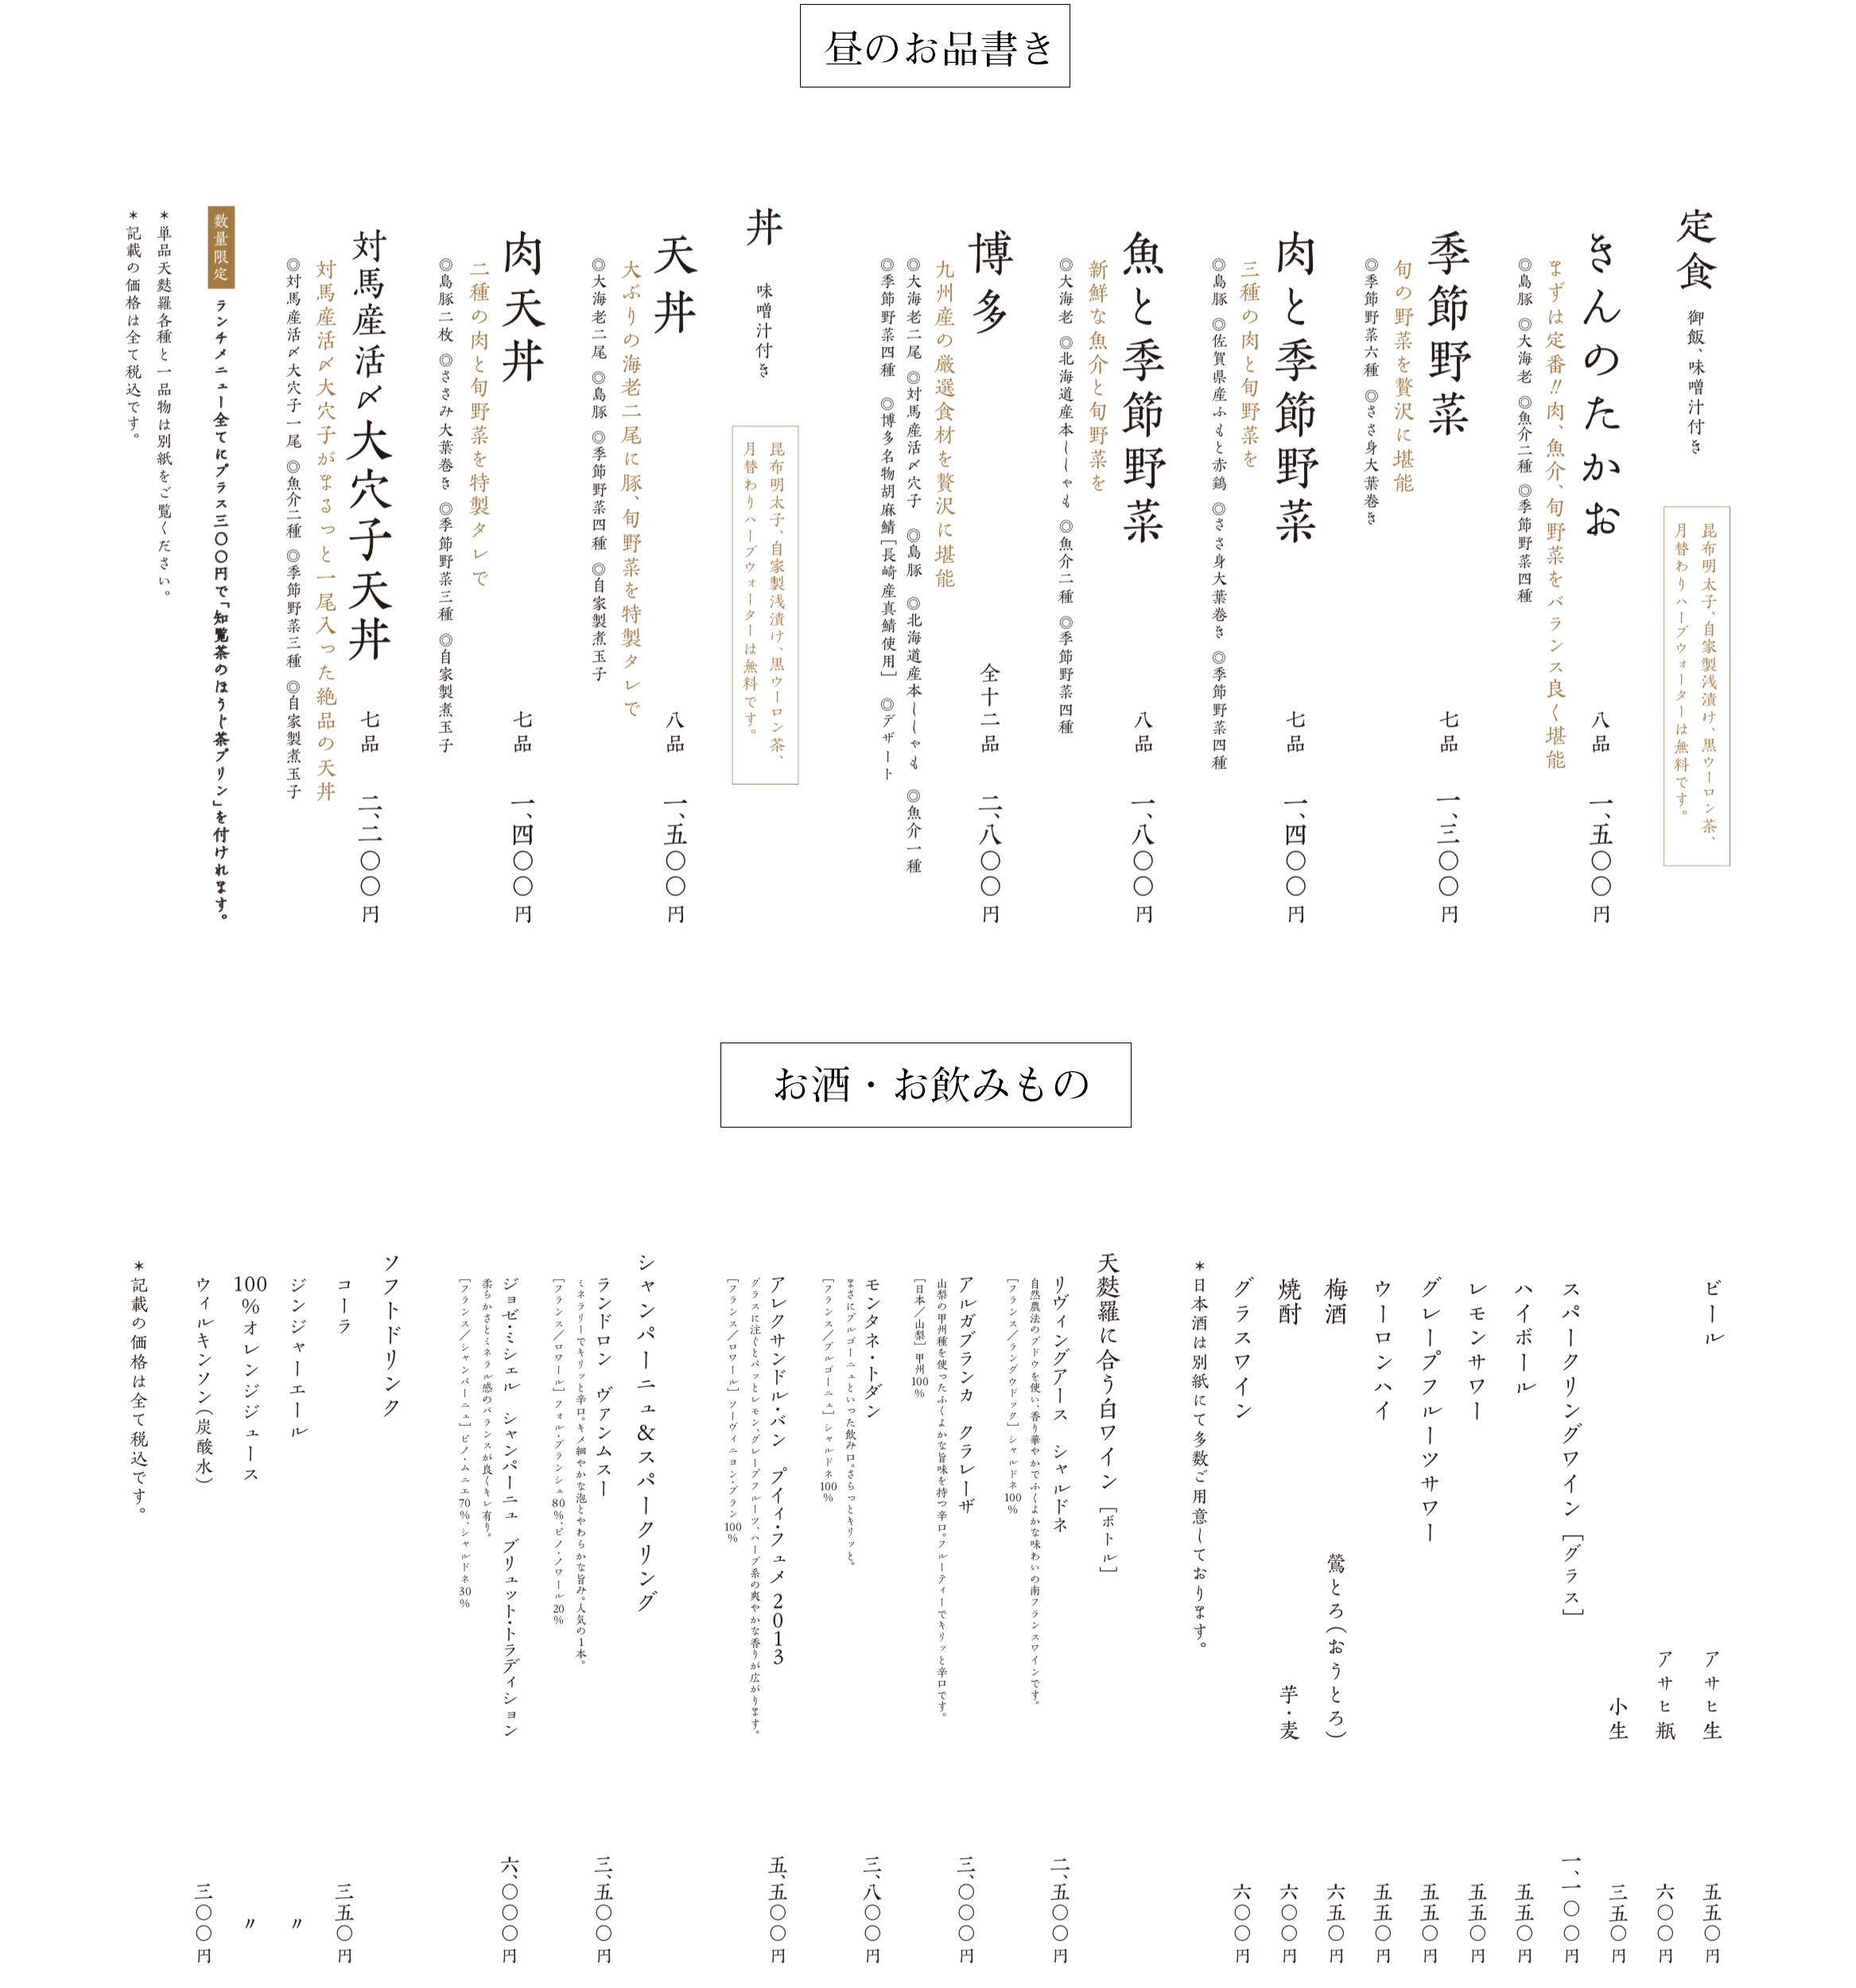 天ぷらたかお南青山店のメニュー表 昼のお品書き